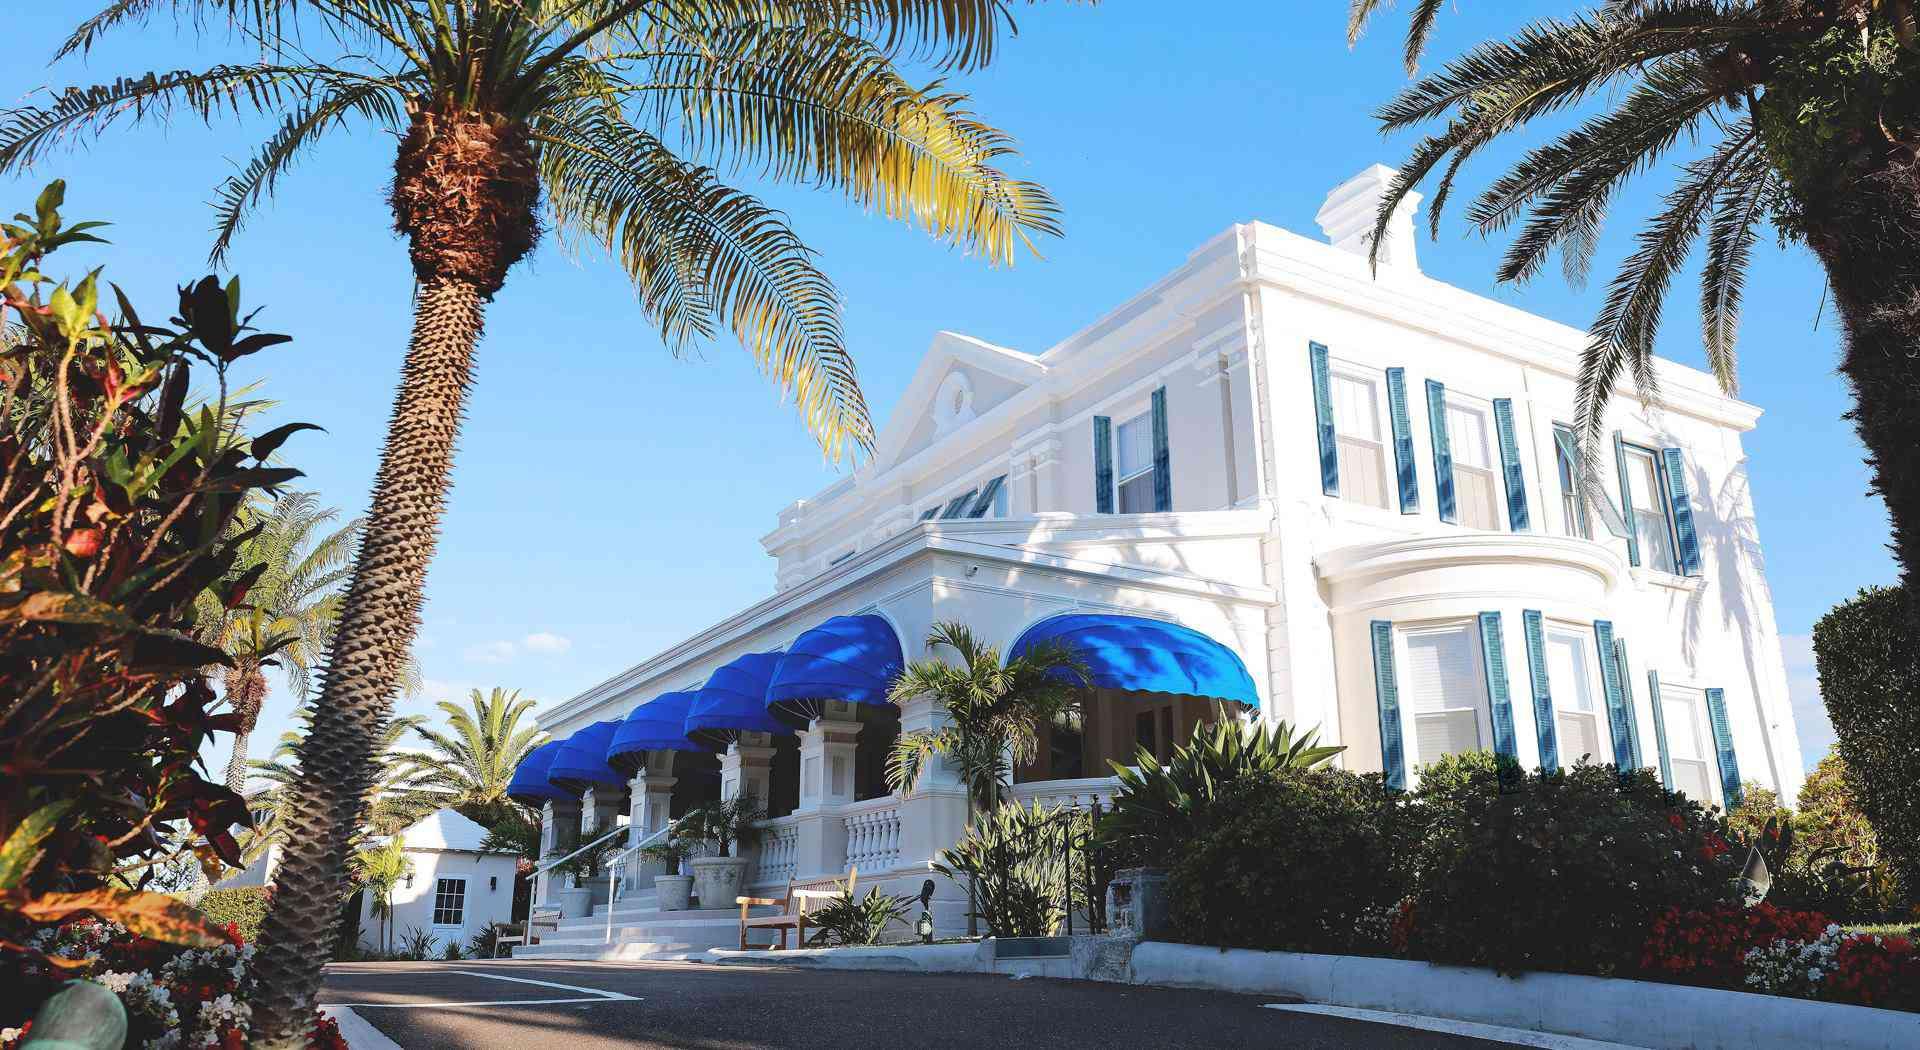 Rosedon Hotel in Bermuda